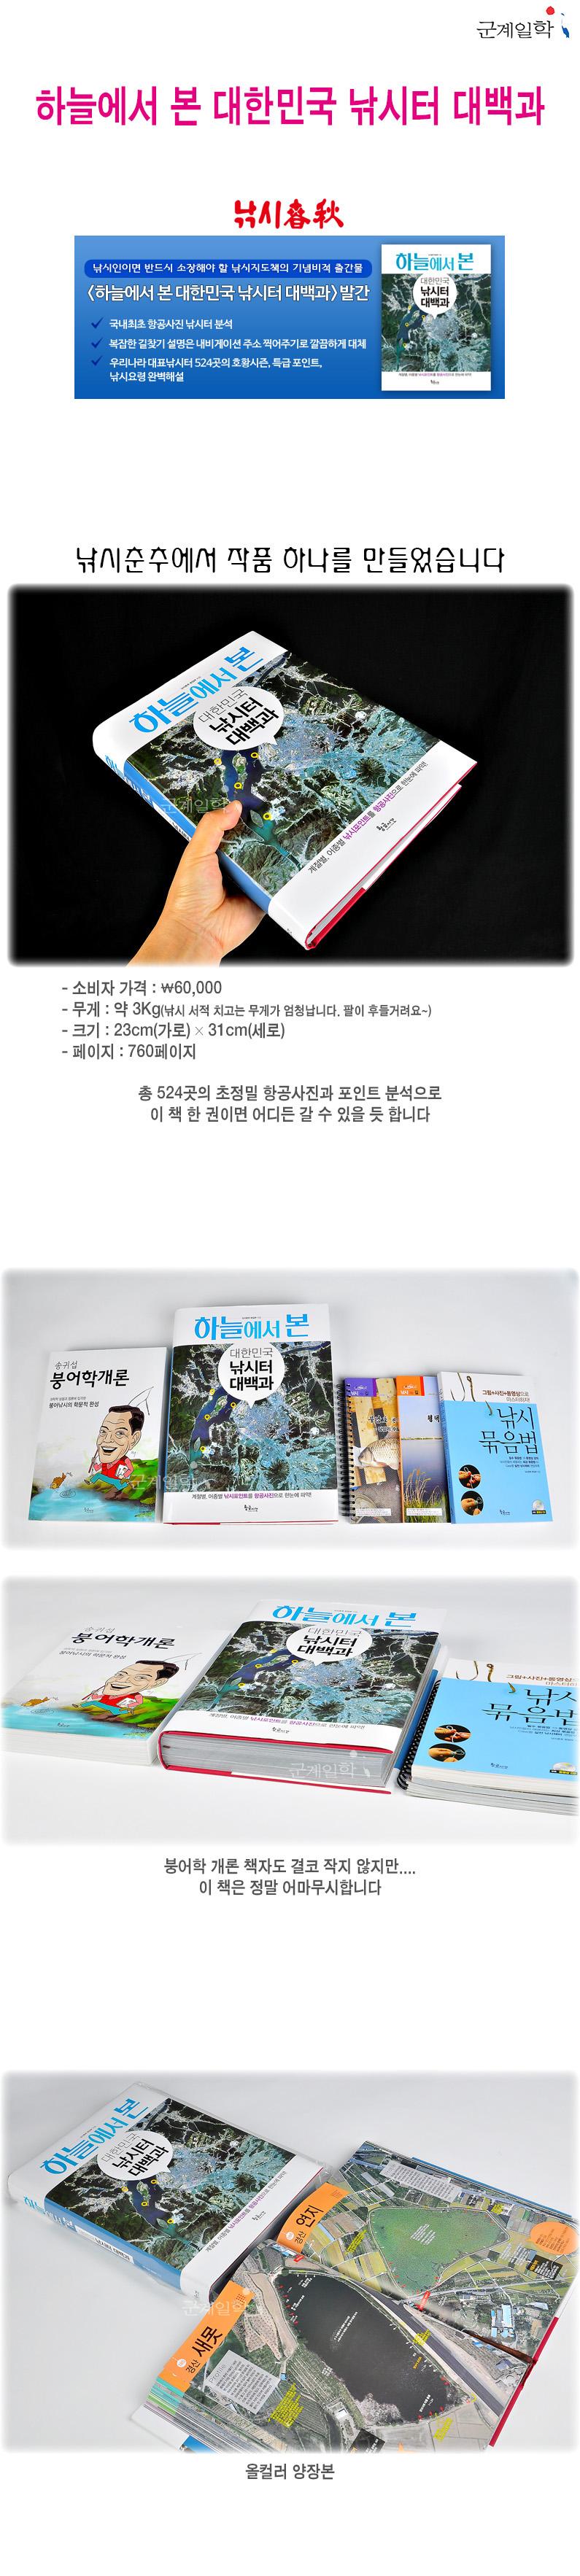 하늘에서 본 대한민국 낚시터 대백과 - 01.jpg